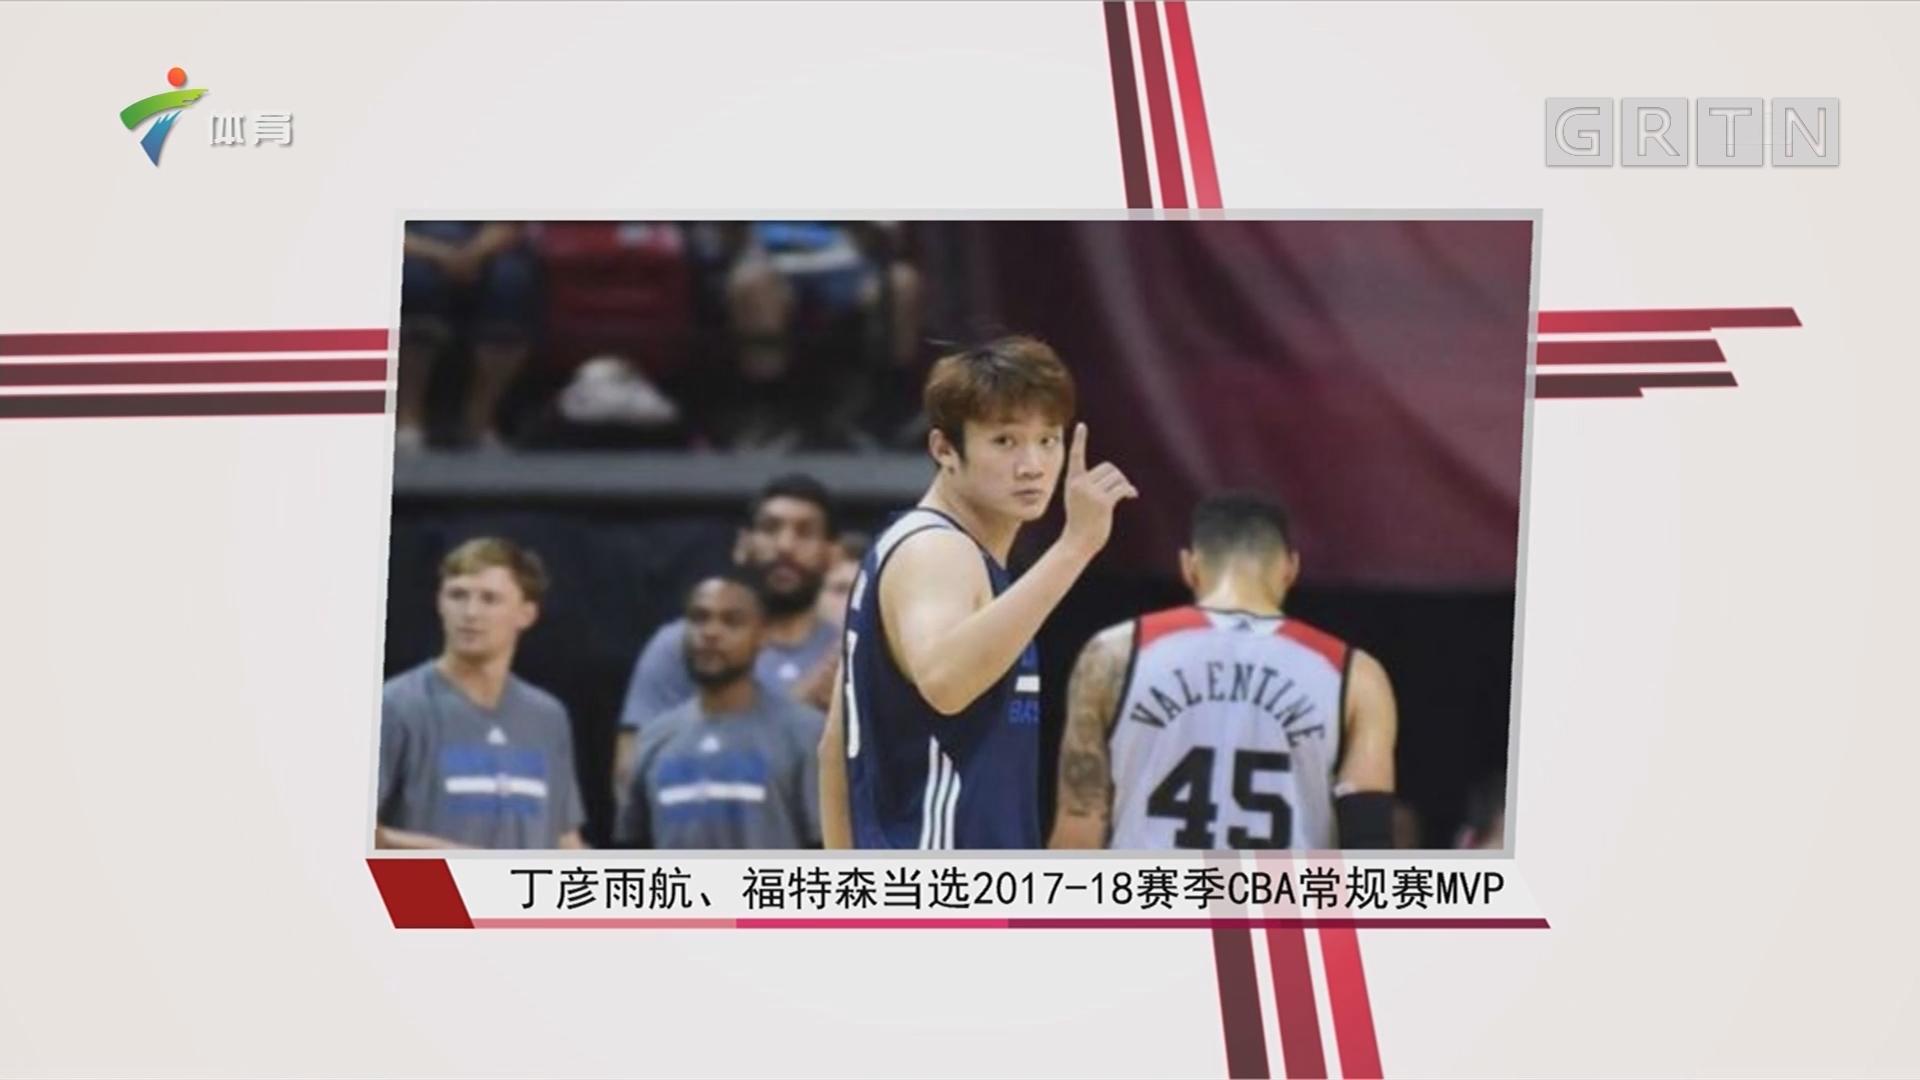 丁彦雨航、福特森当选2017—18赛季CBA常规赛MVP